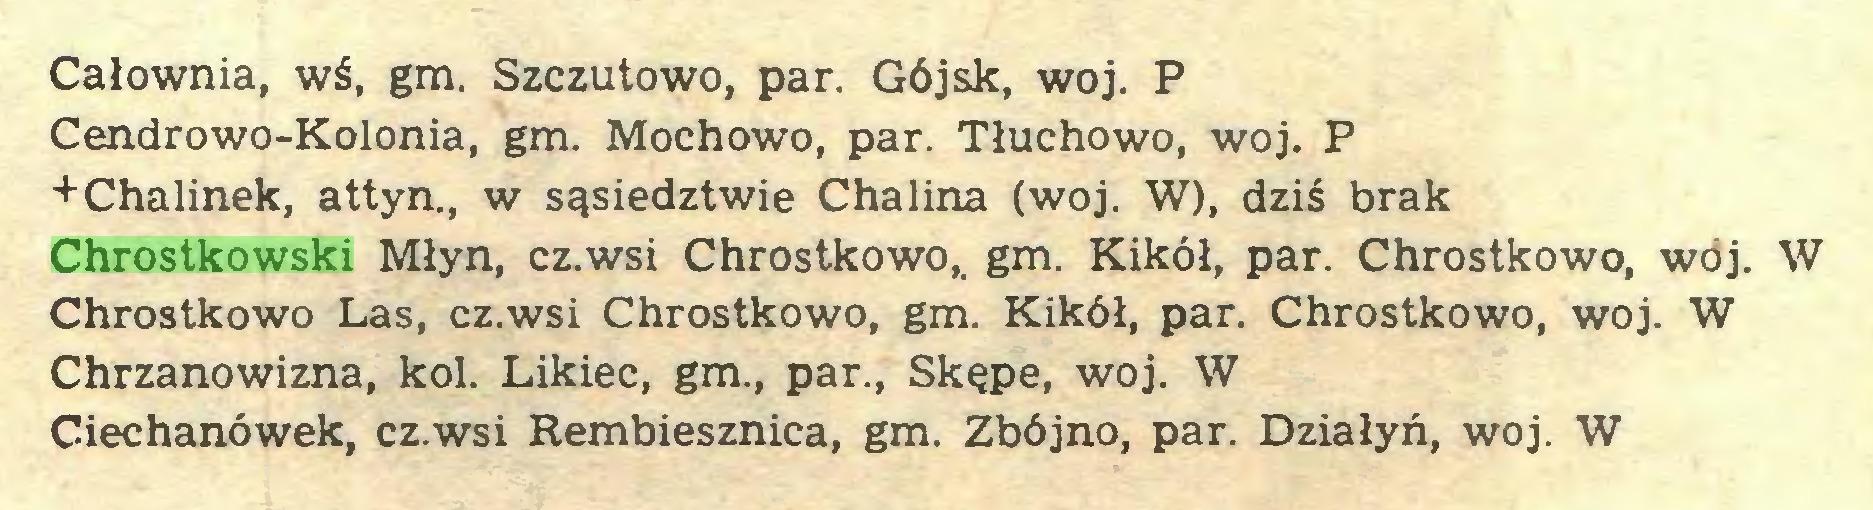 (...) Całownia, wś, gm. Szczutowo, par. Gójsk, woj. P Cendrowo-Kolonia, gm. Mochowo, par. Tłuchowo, woj. P +Chalinek, attyn., w sąsiedztwie Chalina (woj. W), dziś brak Chrostkowski Młyn, cz.wsi Chrostkowo,, gm. Kikół, par. Chrostkowo, woj. W Chrostkowo Las, cz.wsi Chrostkowo, gm. Kikół, par. Chrostkowo, woj. W Chrzanowizna, kol. Likiec, gm., par., Skępe, woj. W Ciechanówek, cz.wsi Rembiesznica, gm. Zbójno, par. Działyń, woj. W...